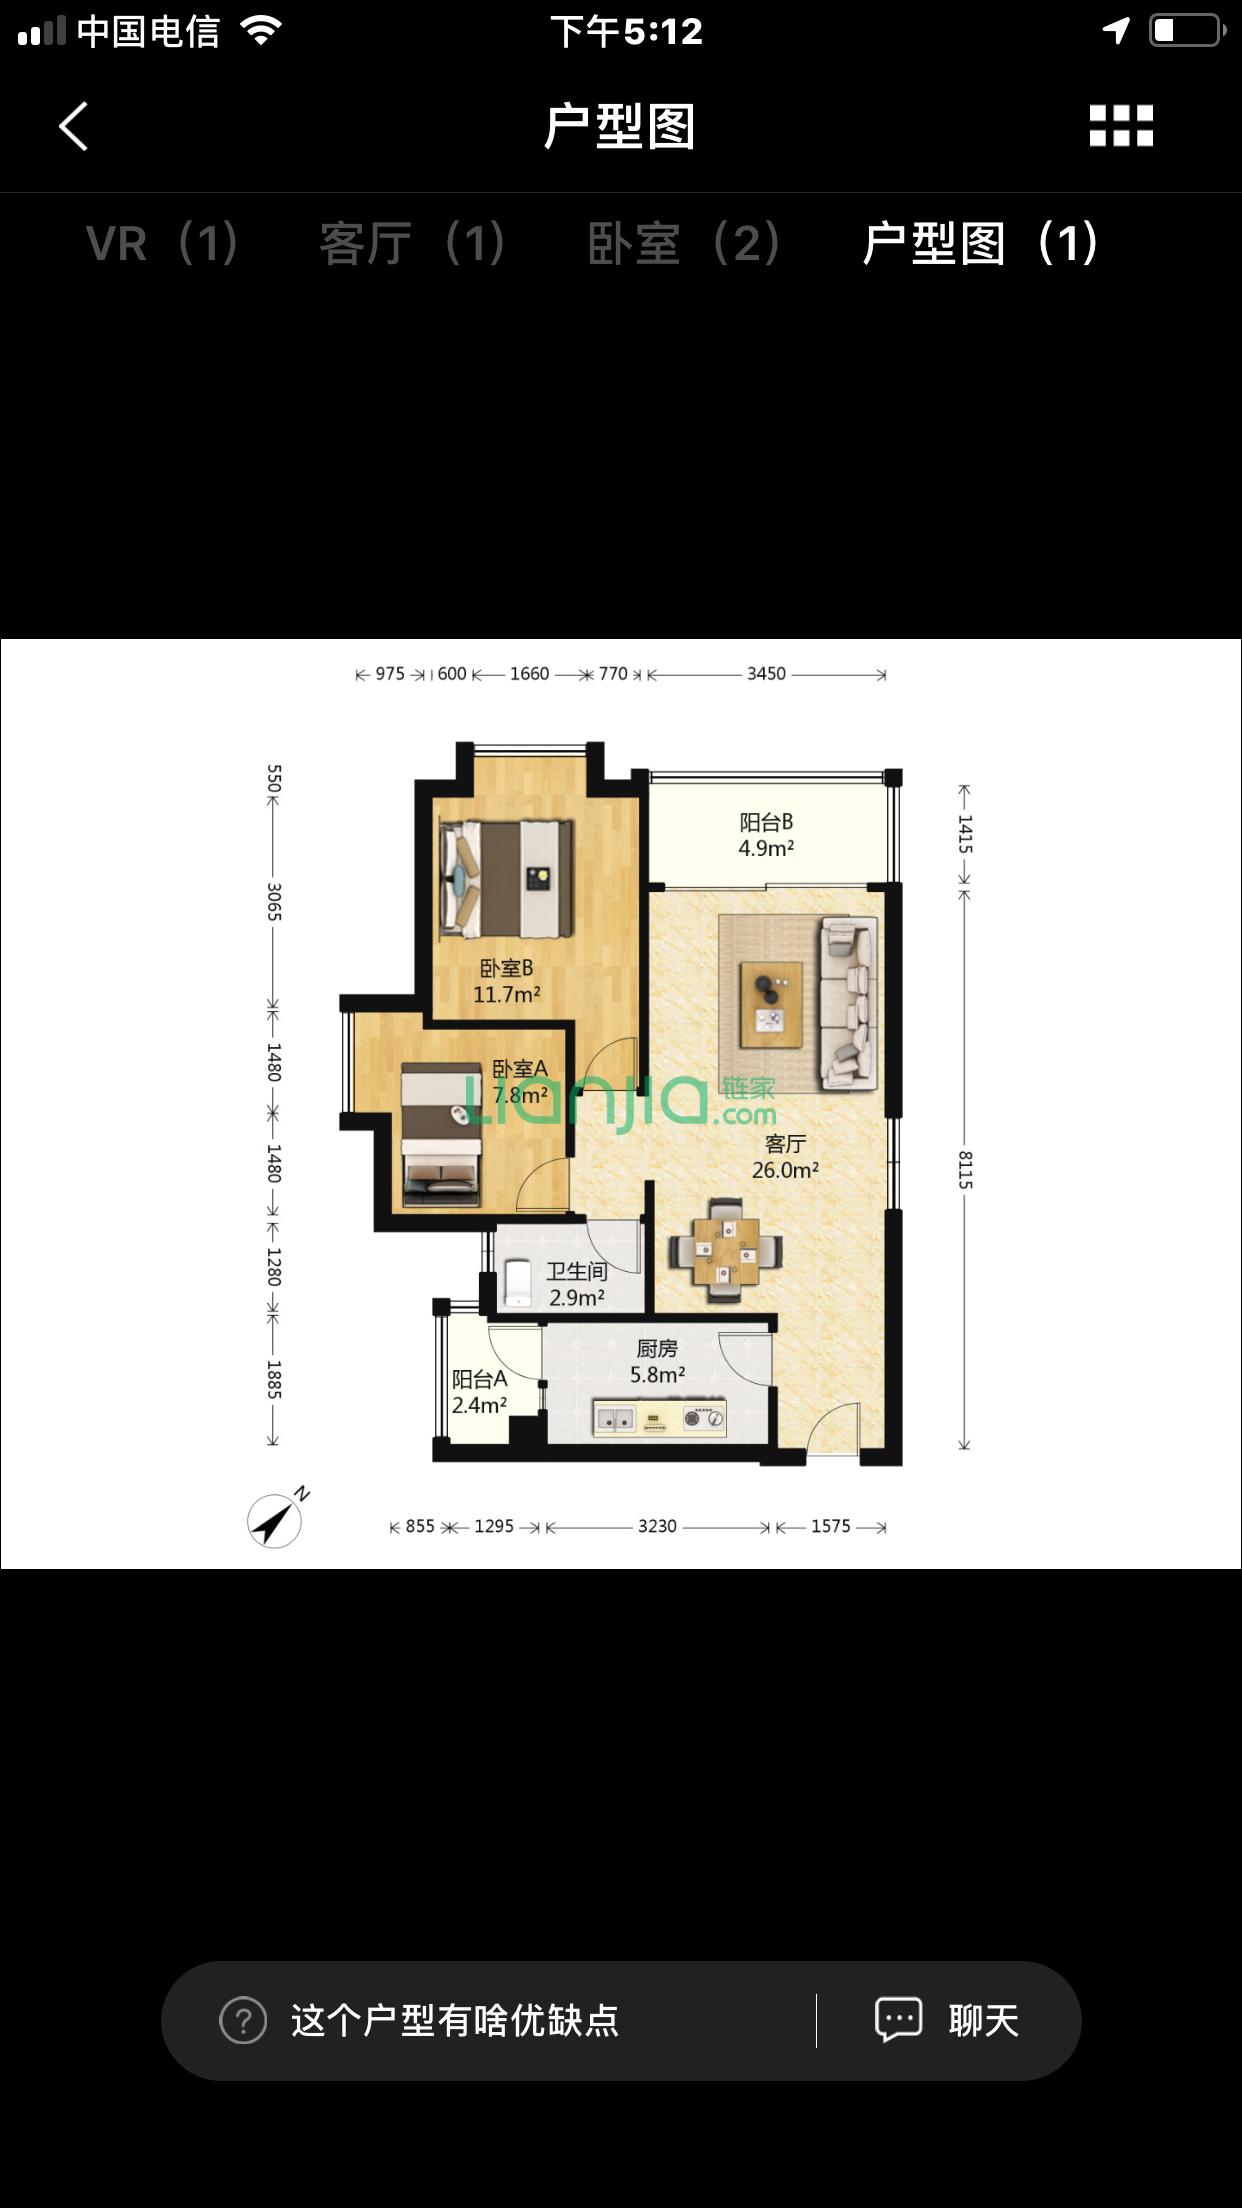 自住想置业以下任意一楼盘两房单位,是否值得入手?